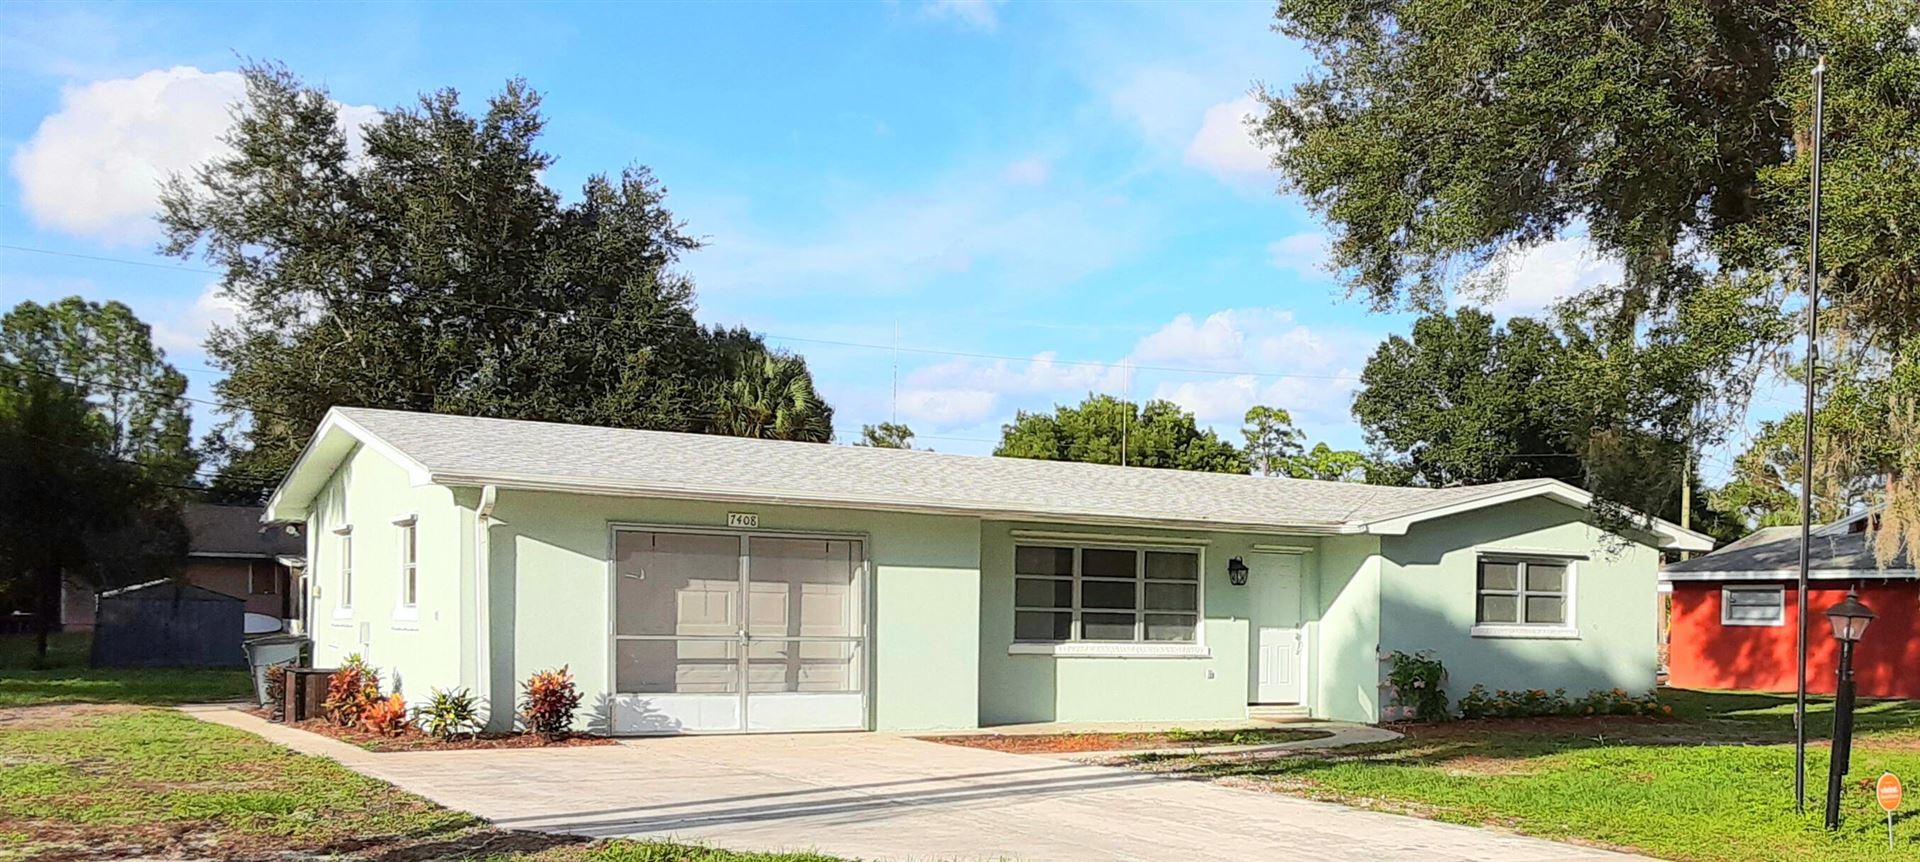 7408 Salerno Road, Fort Pierce, FL 34950 - MLS#: RX-10747546